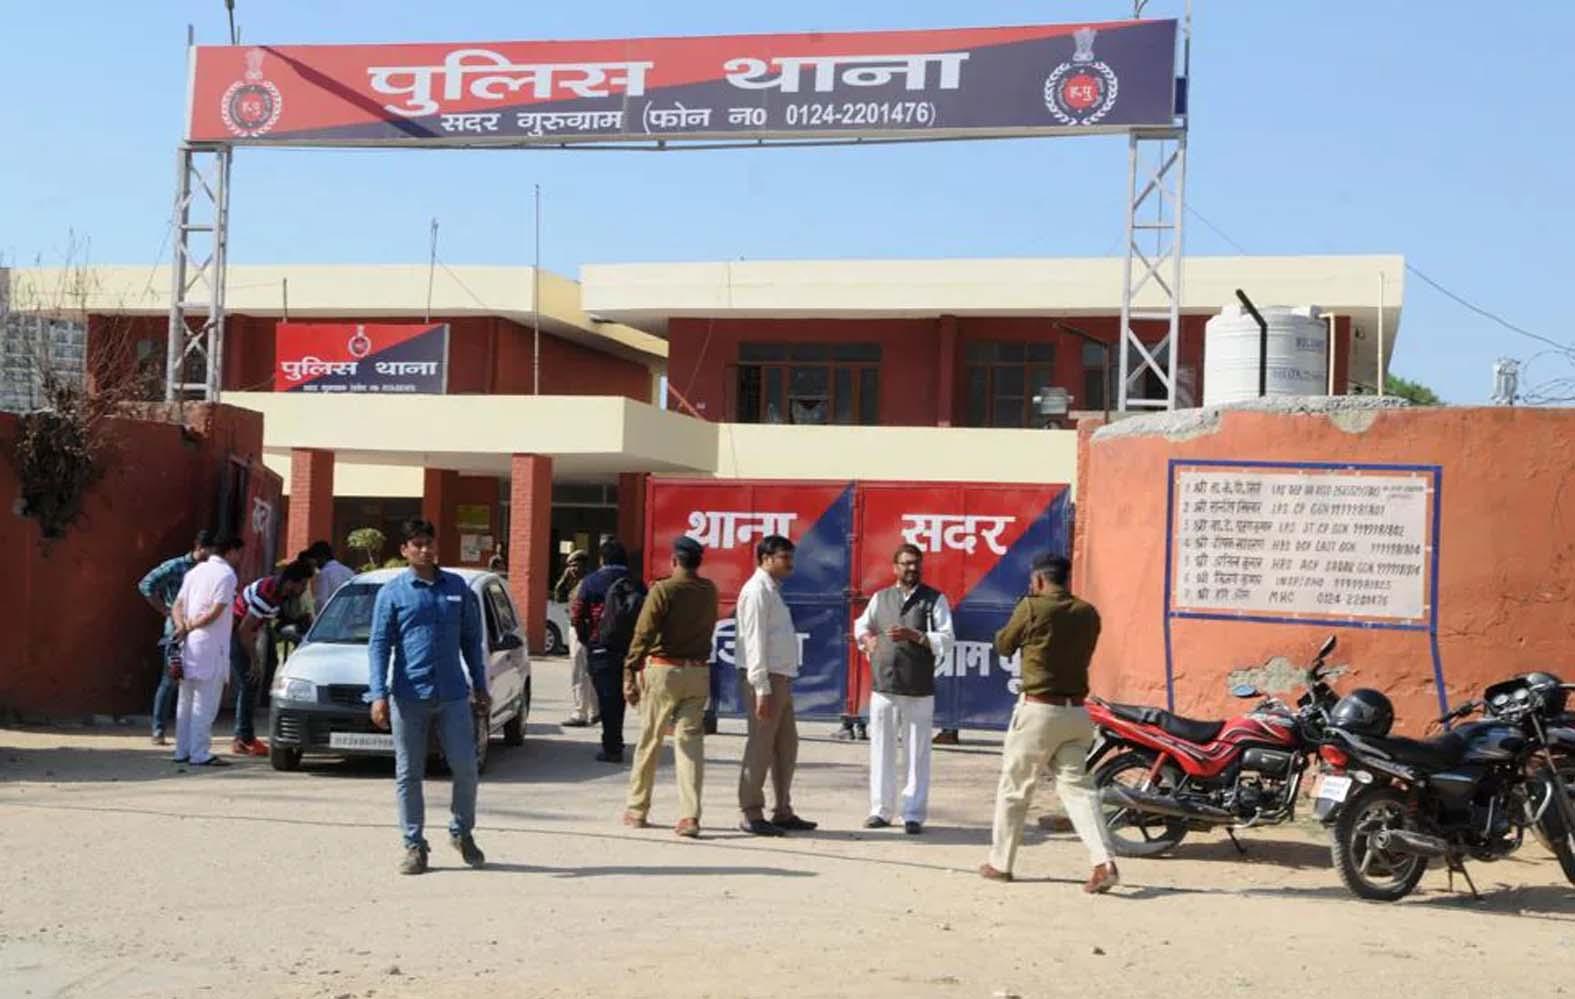 सदर थाना पुलिस ने शिकायत के आधार पर केस दर्ज किया। - Dainik Bhaskar